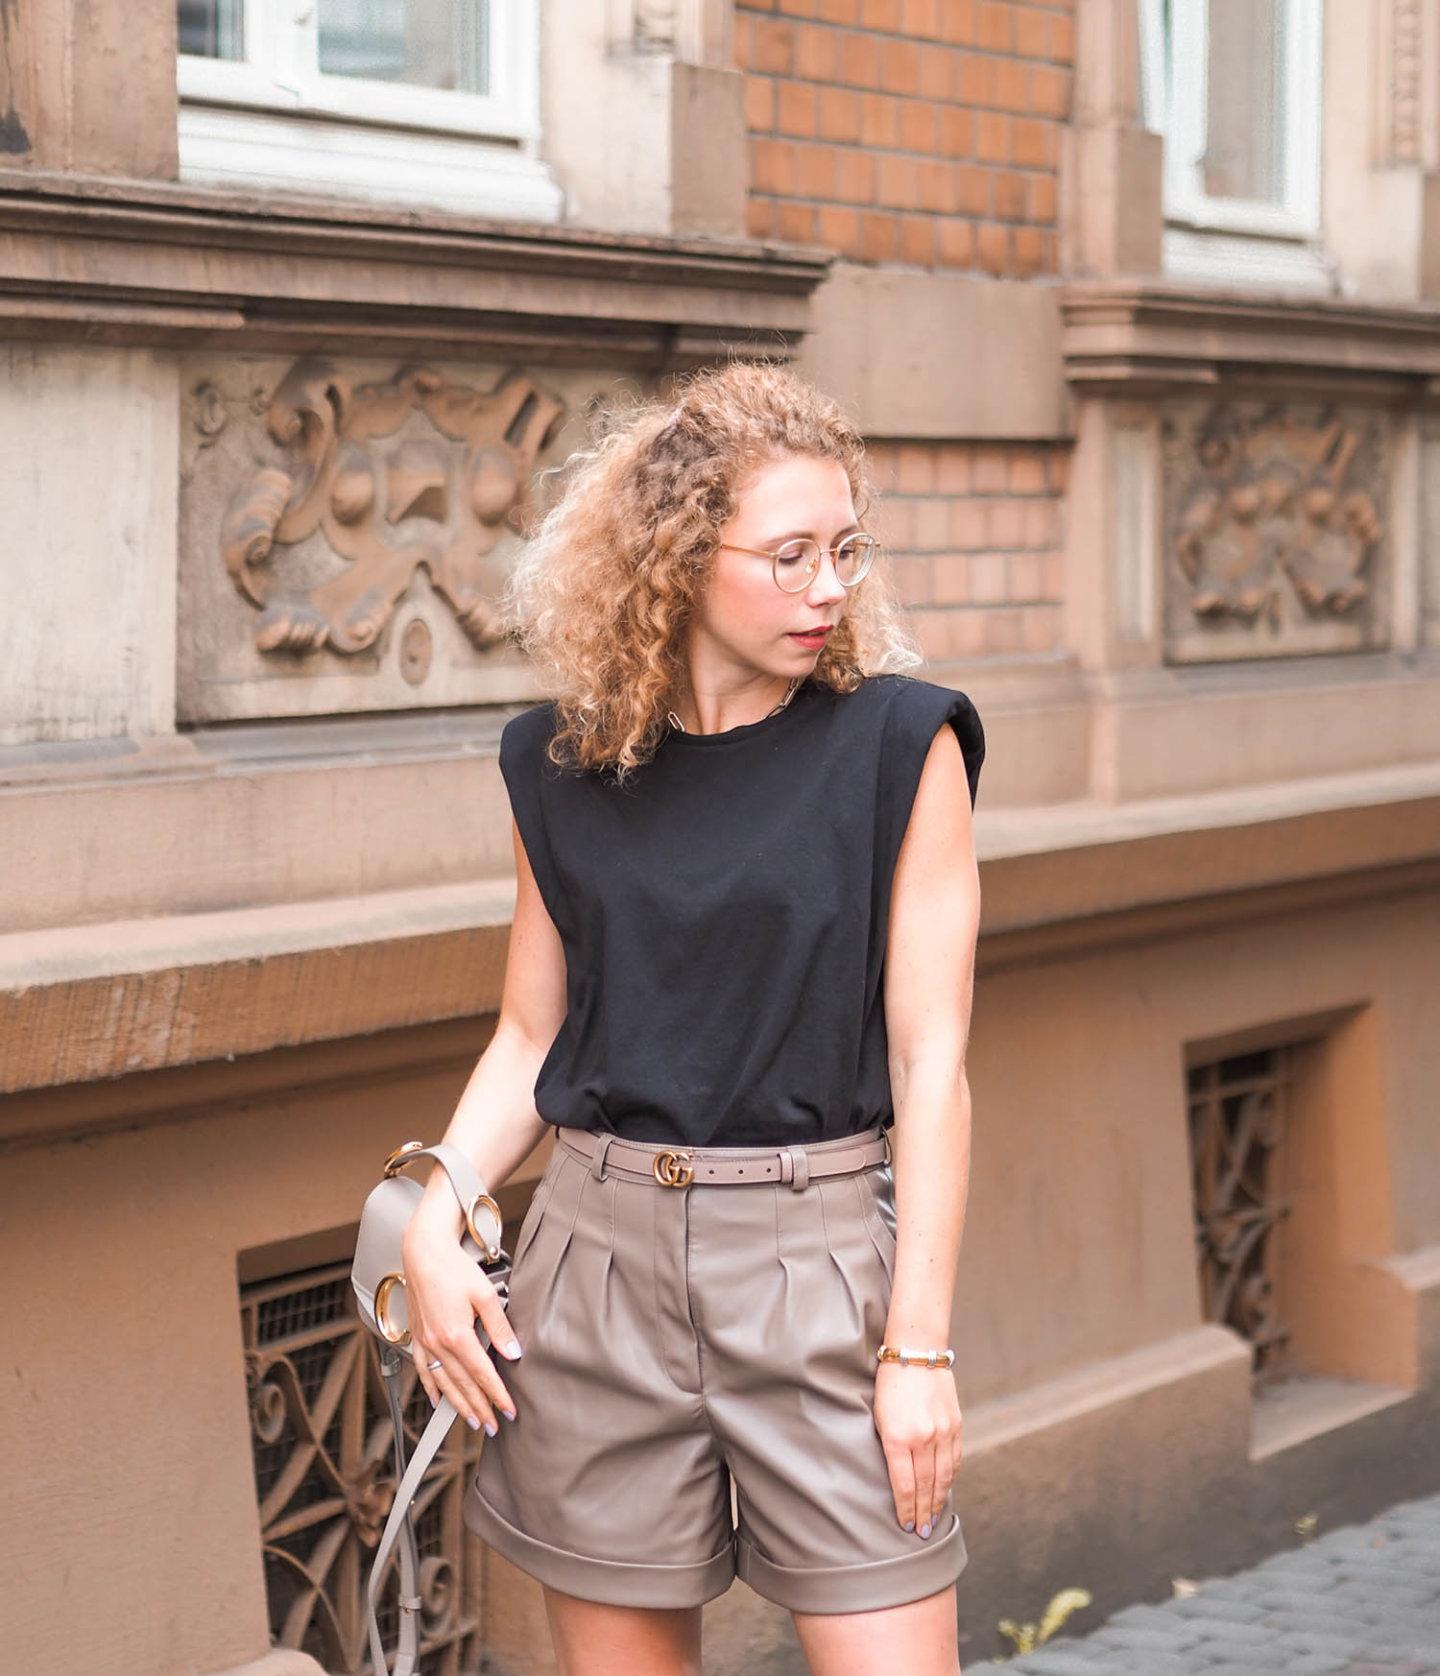 monki Schulterpolster-Shirt, Zara Ledershorts, Gucci Gürtel und Chloe Handtasche